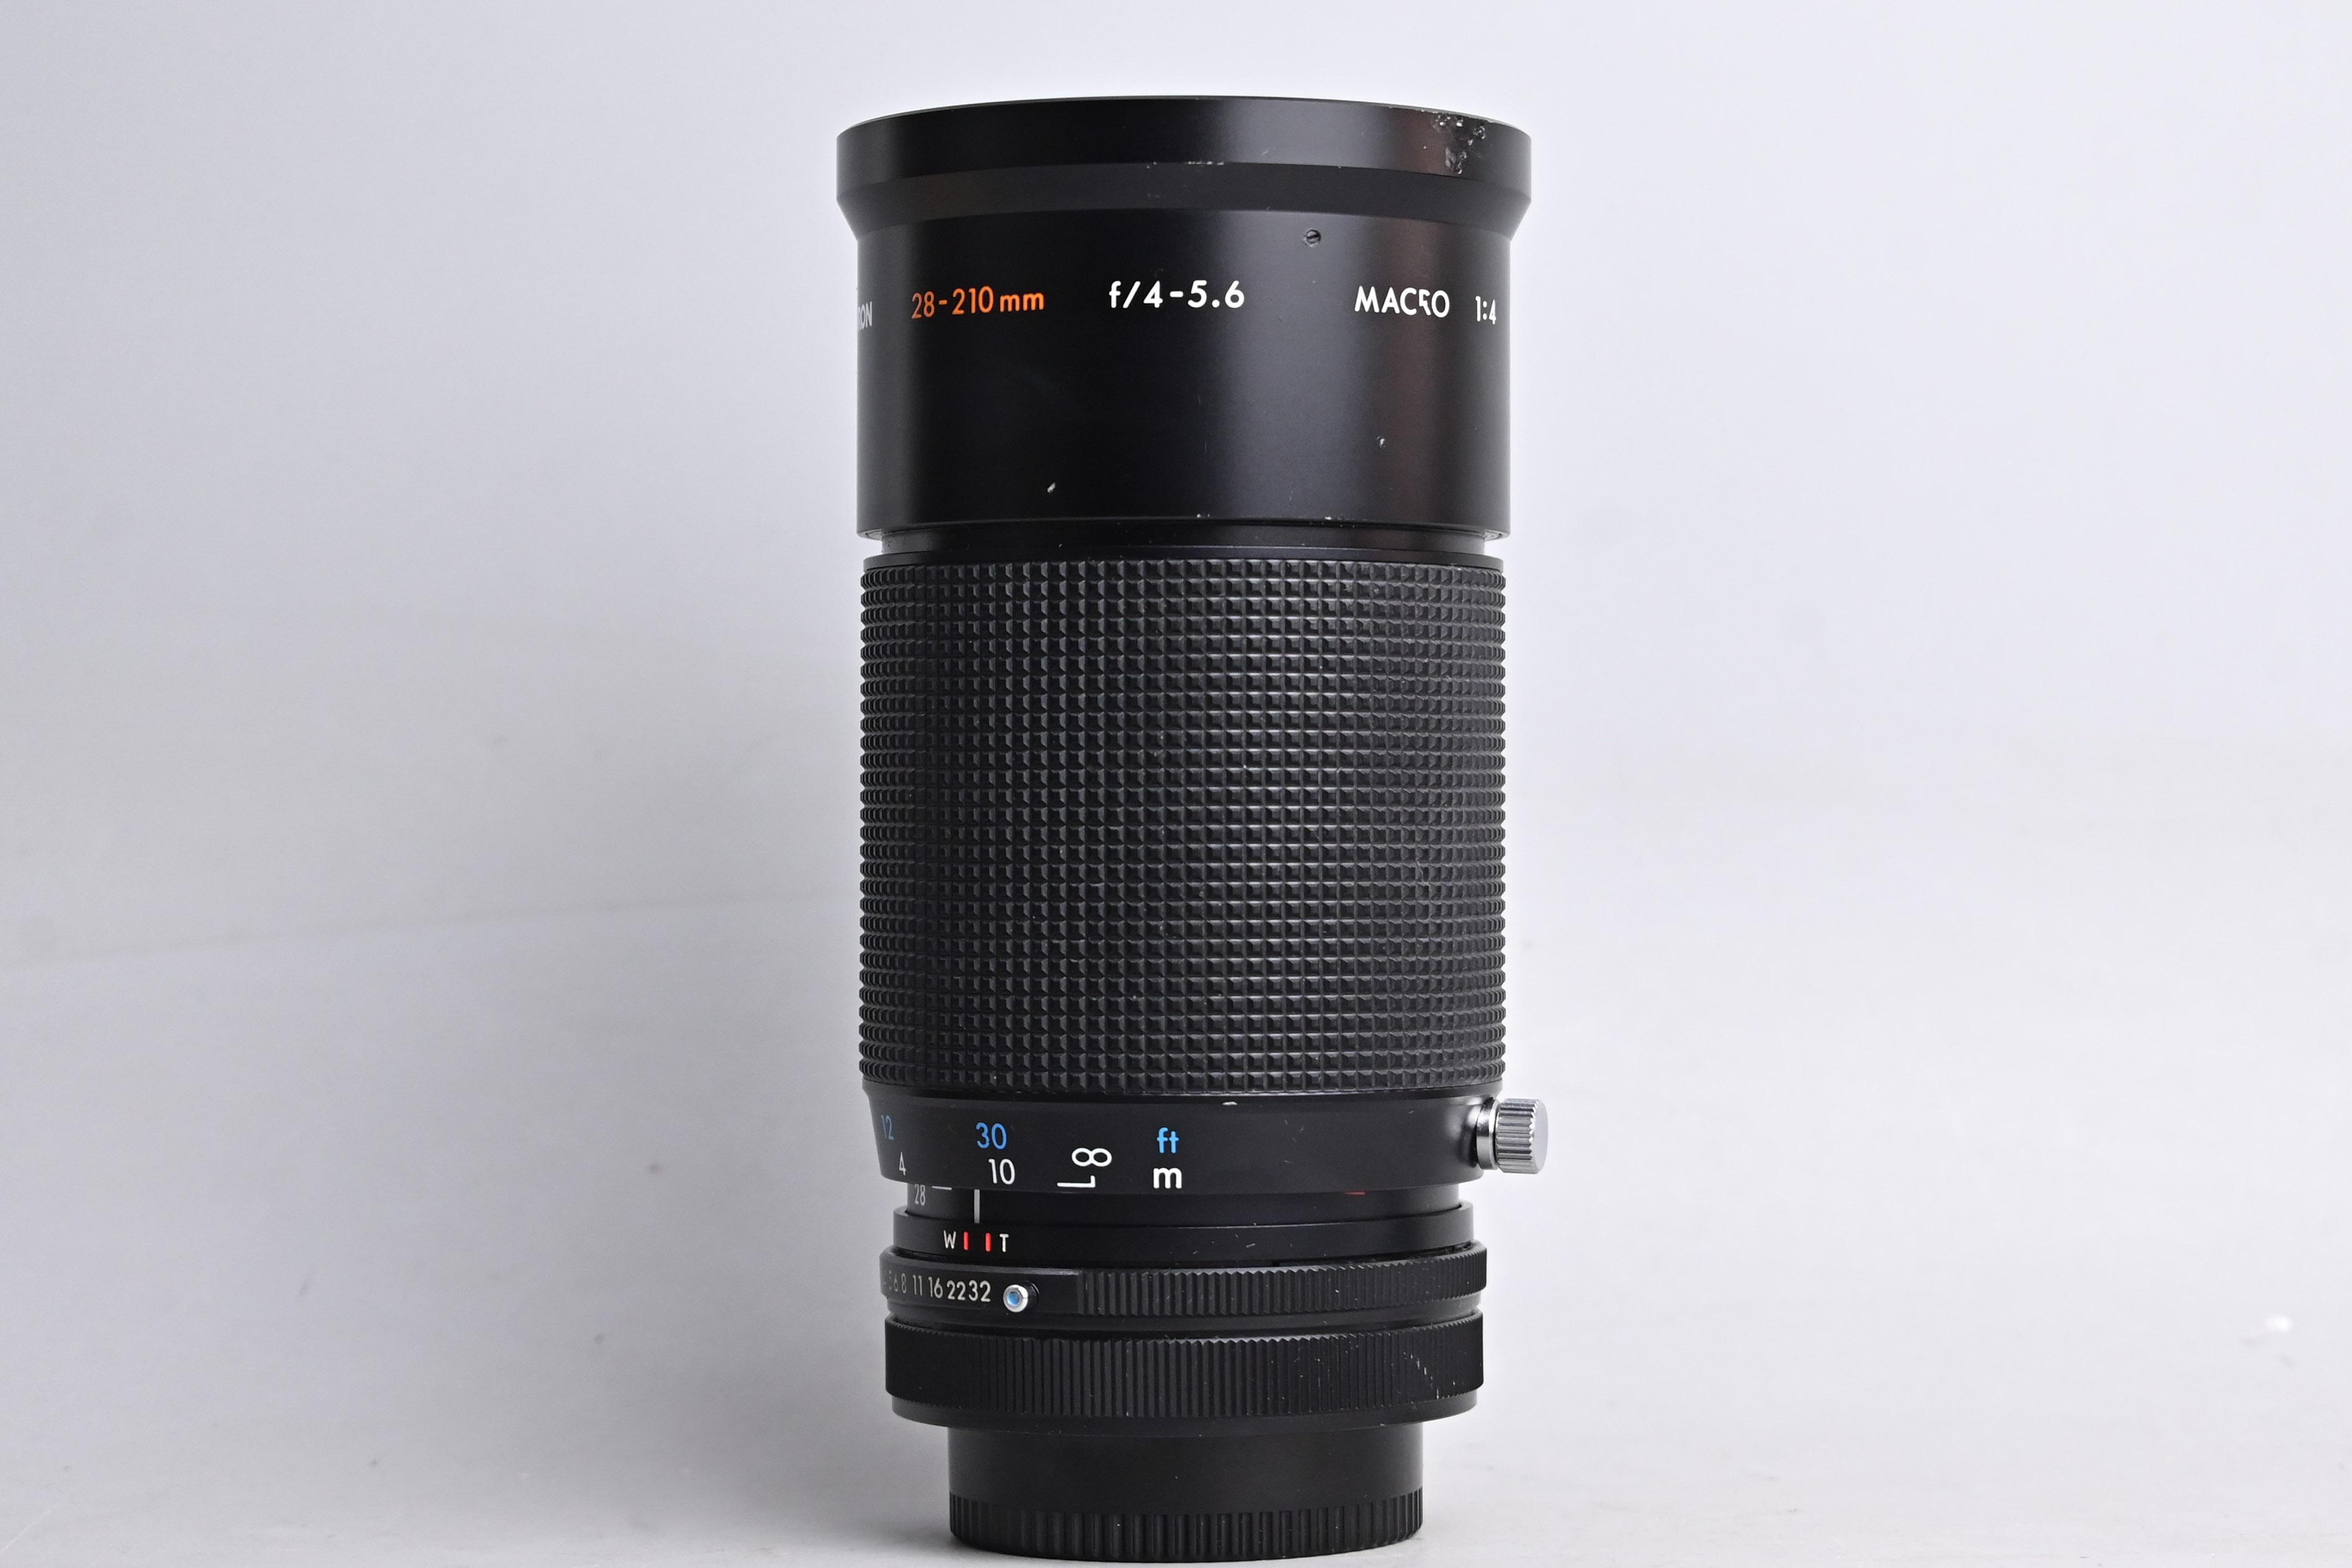 kiron-precision-28-210mm-f4-5-6-macro-1-4-for-canon-fd-28-200-4-5-6-17405